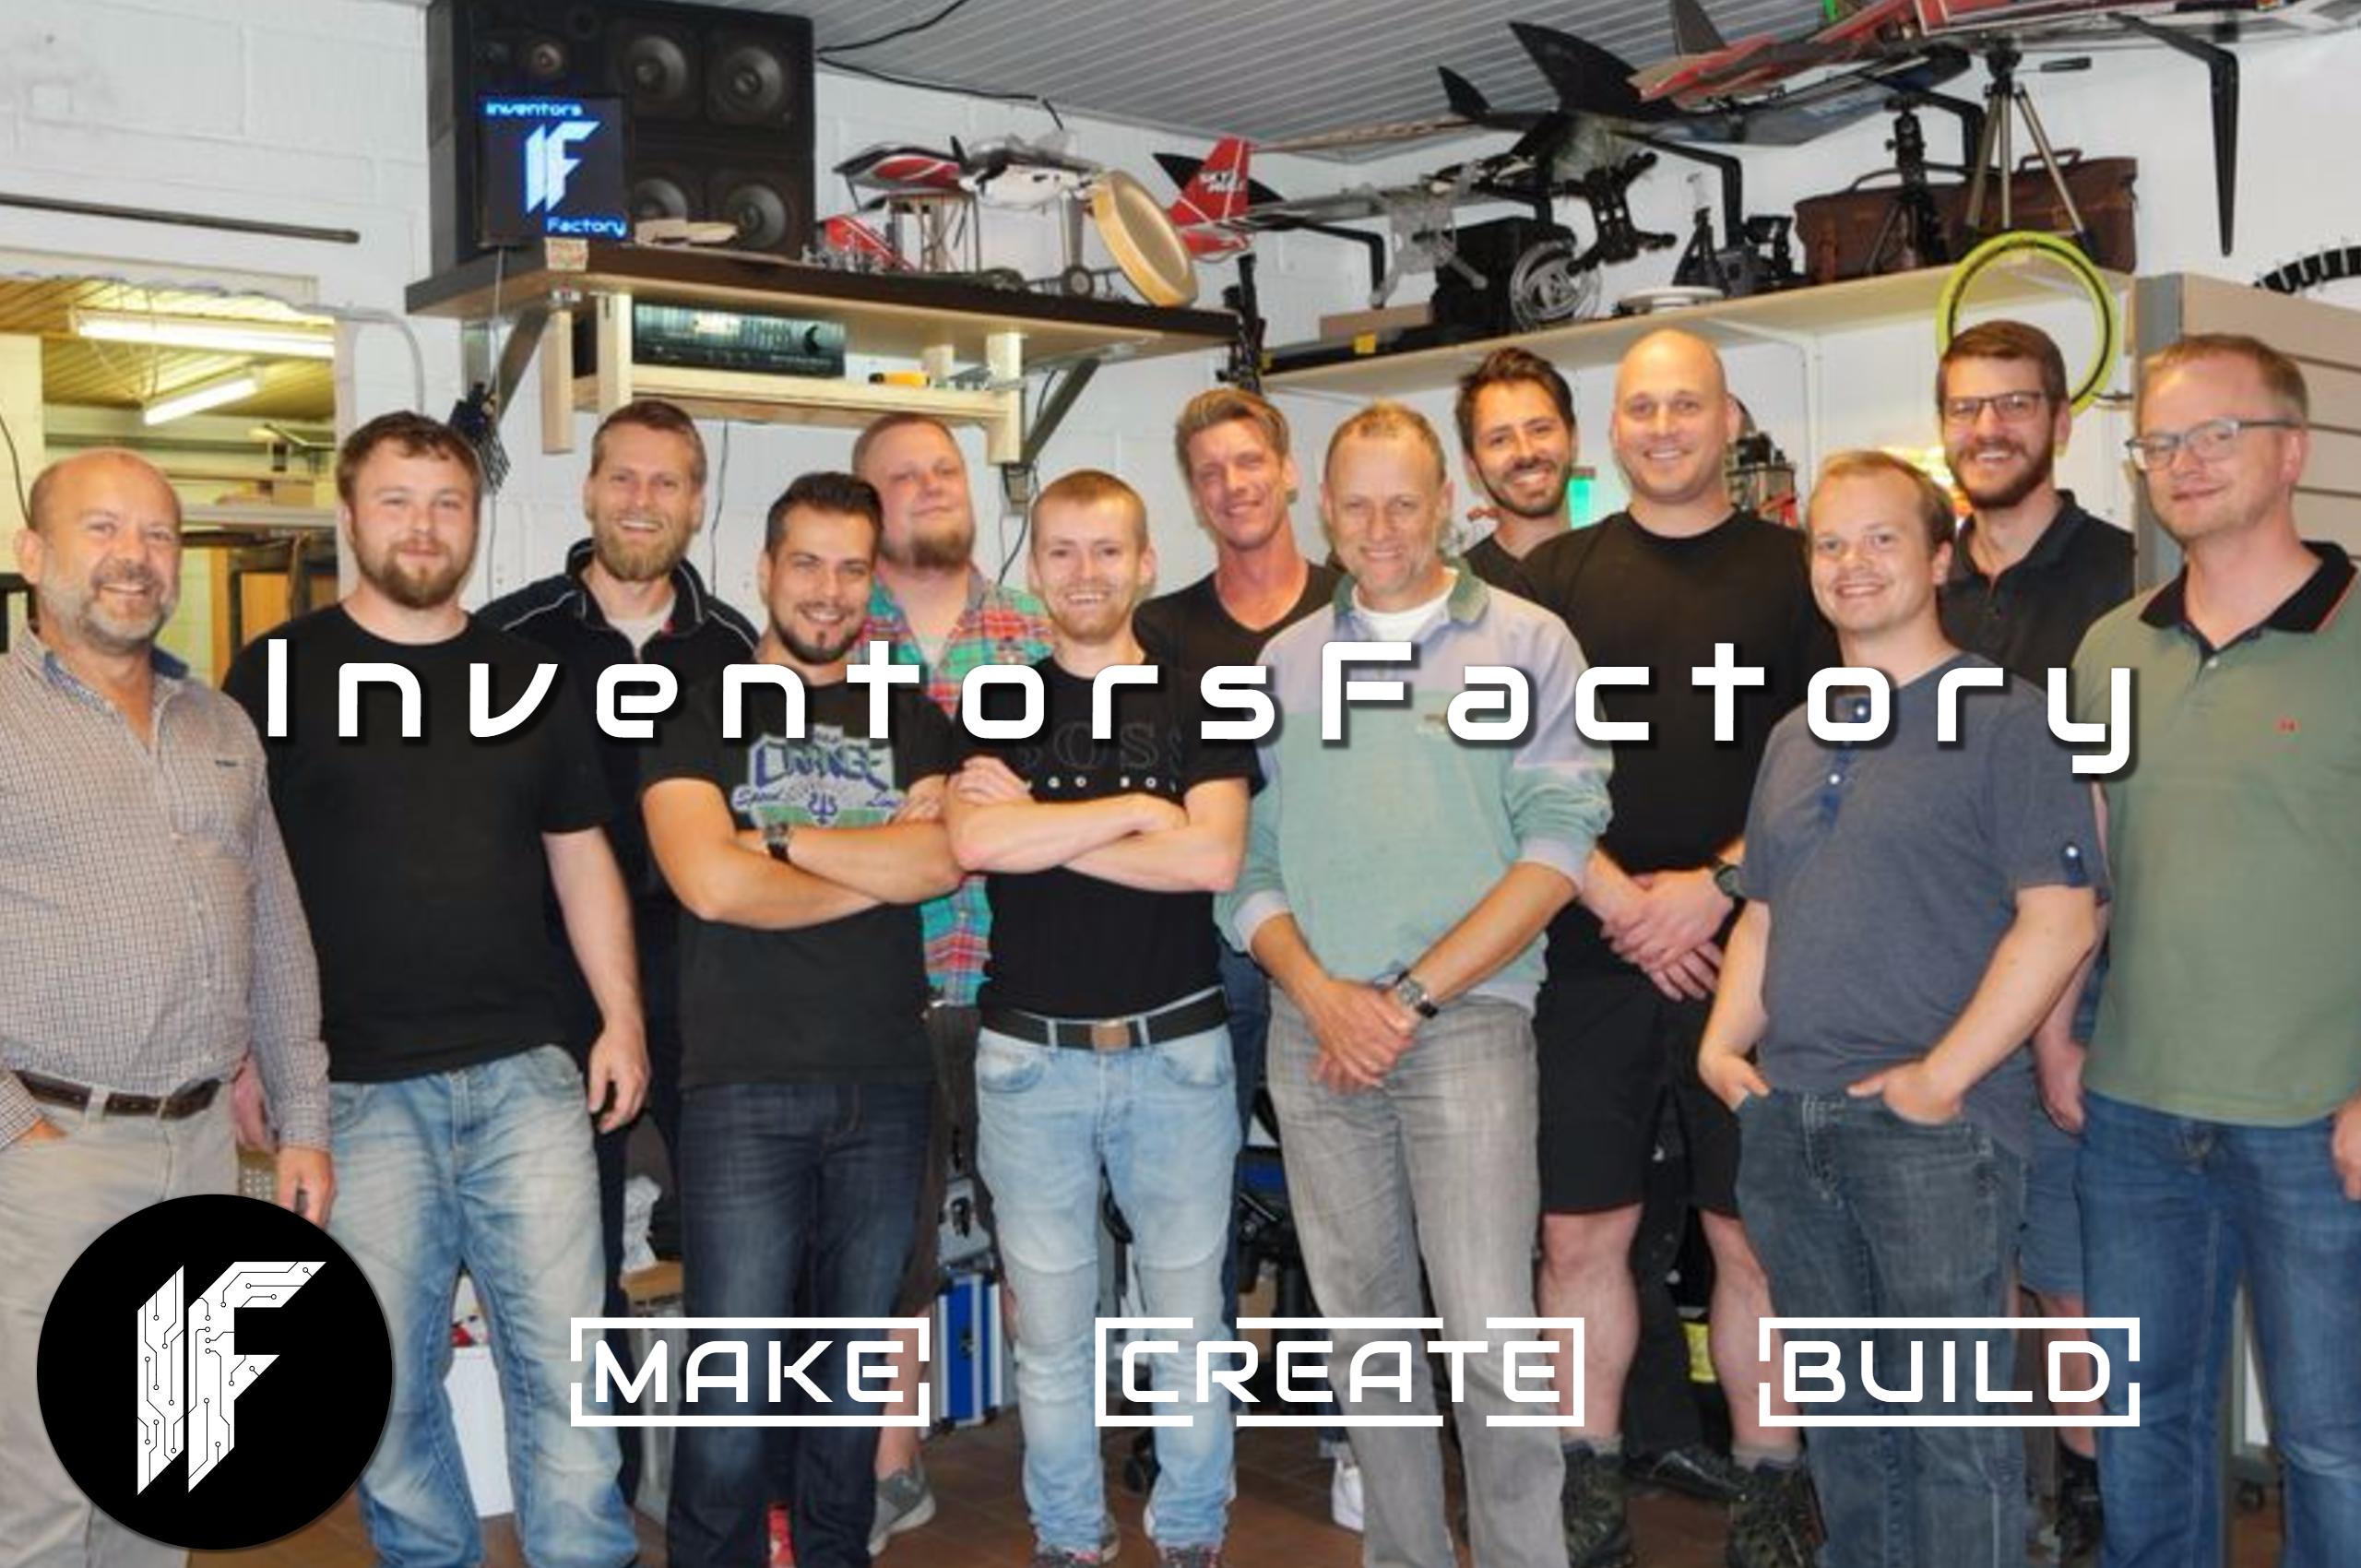 Silkeborg InventorsFactory